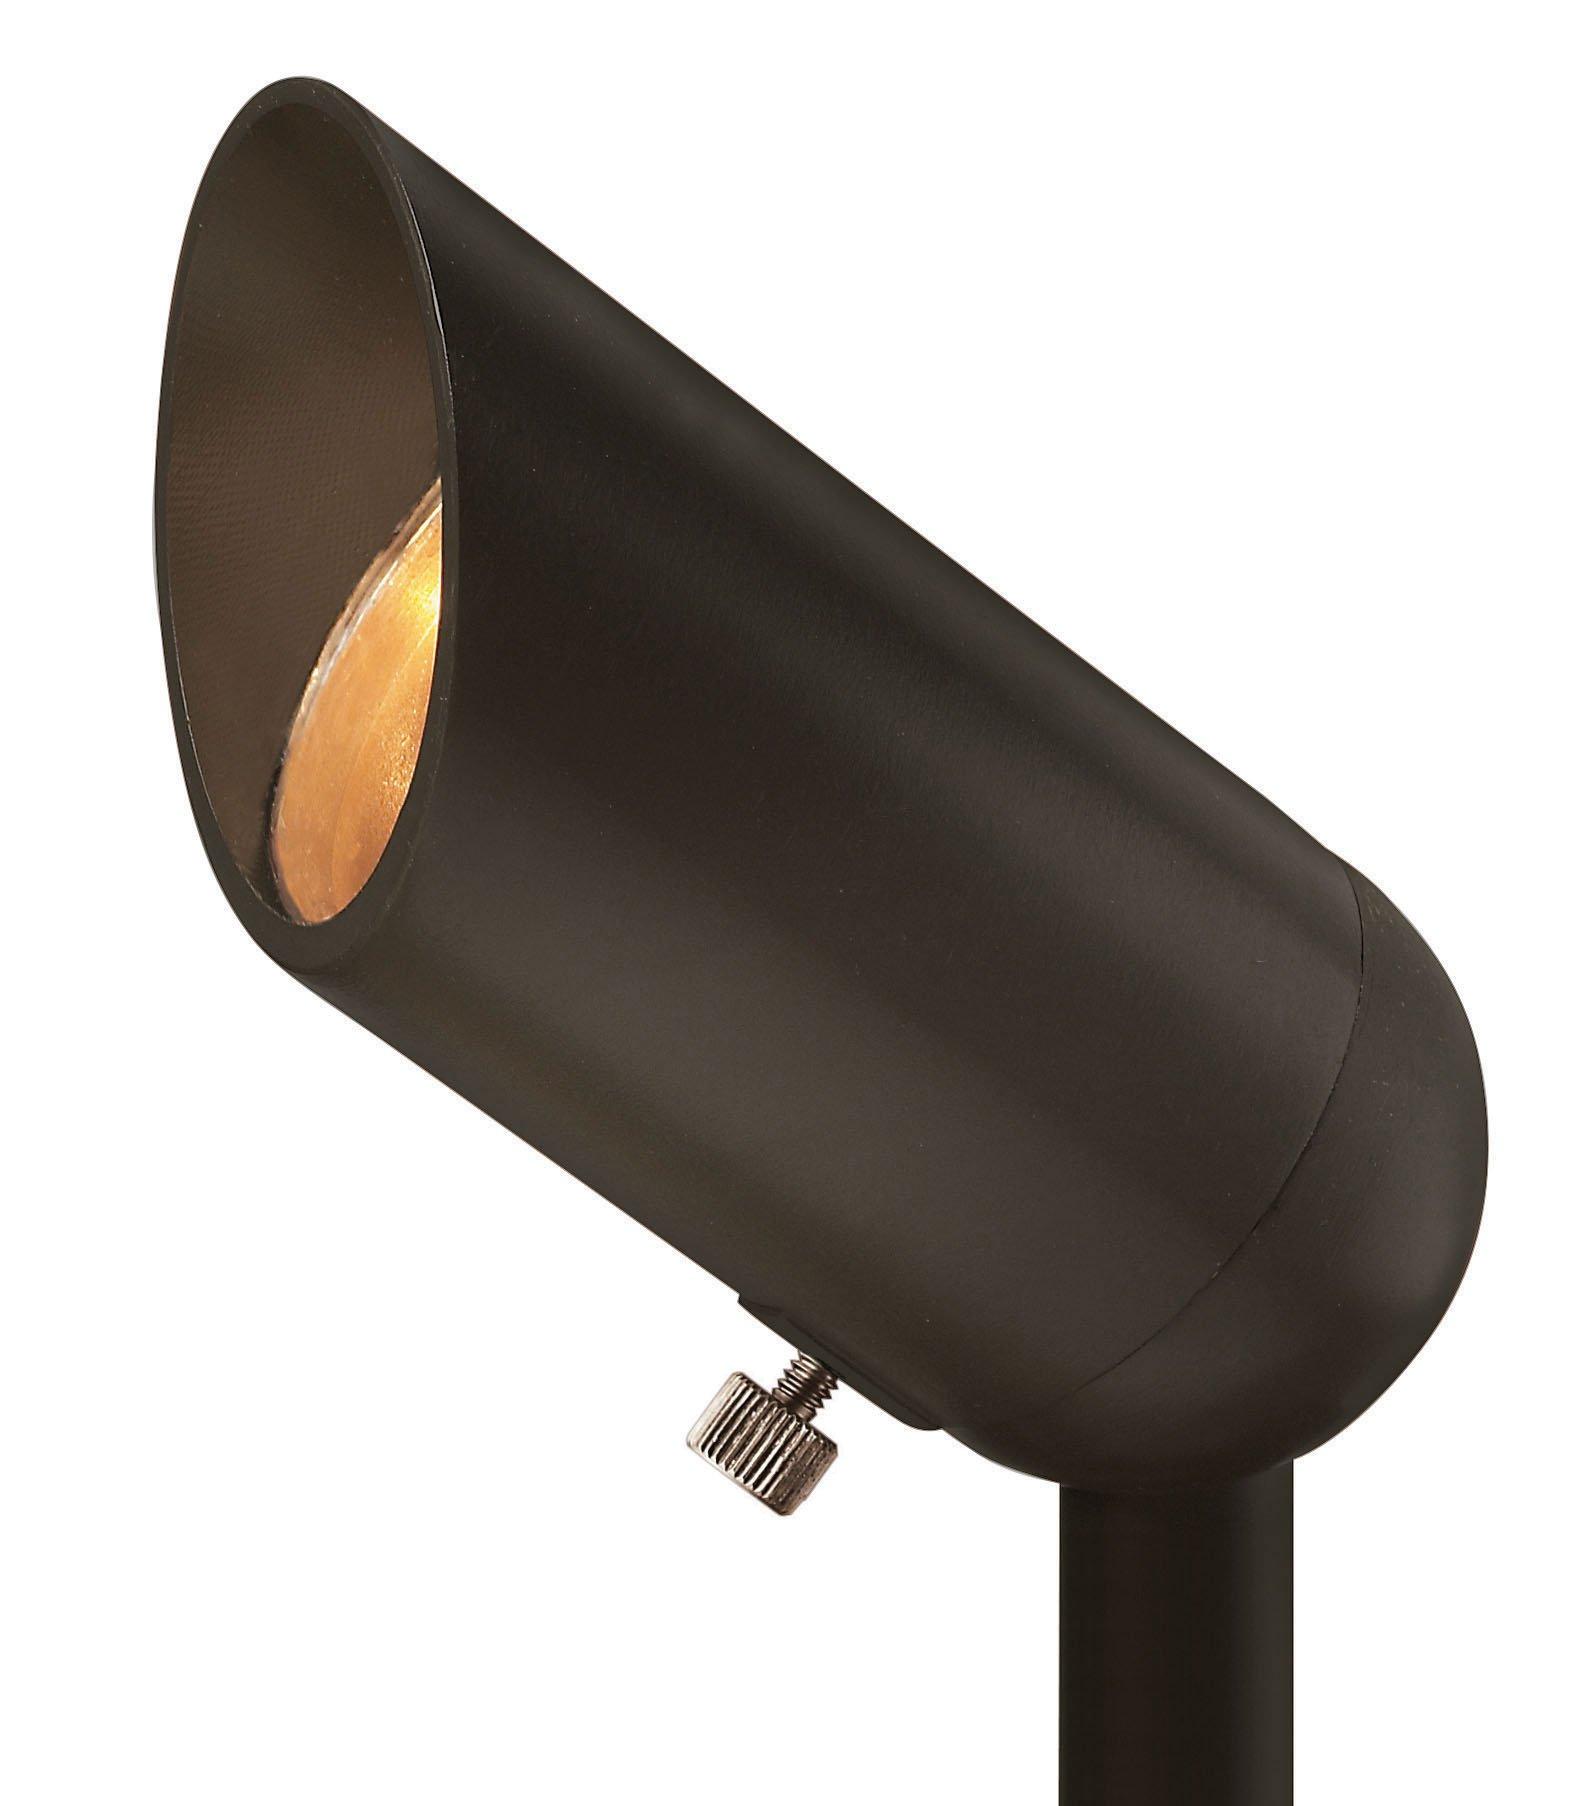 Hinkley Lighting 1536BZ-3WLEDMD Led Spot Light, Bronze